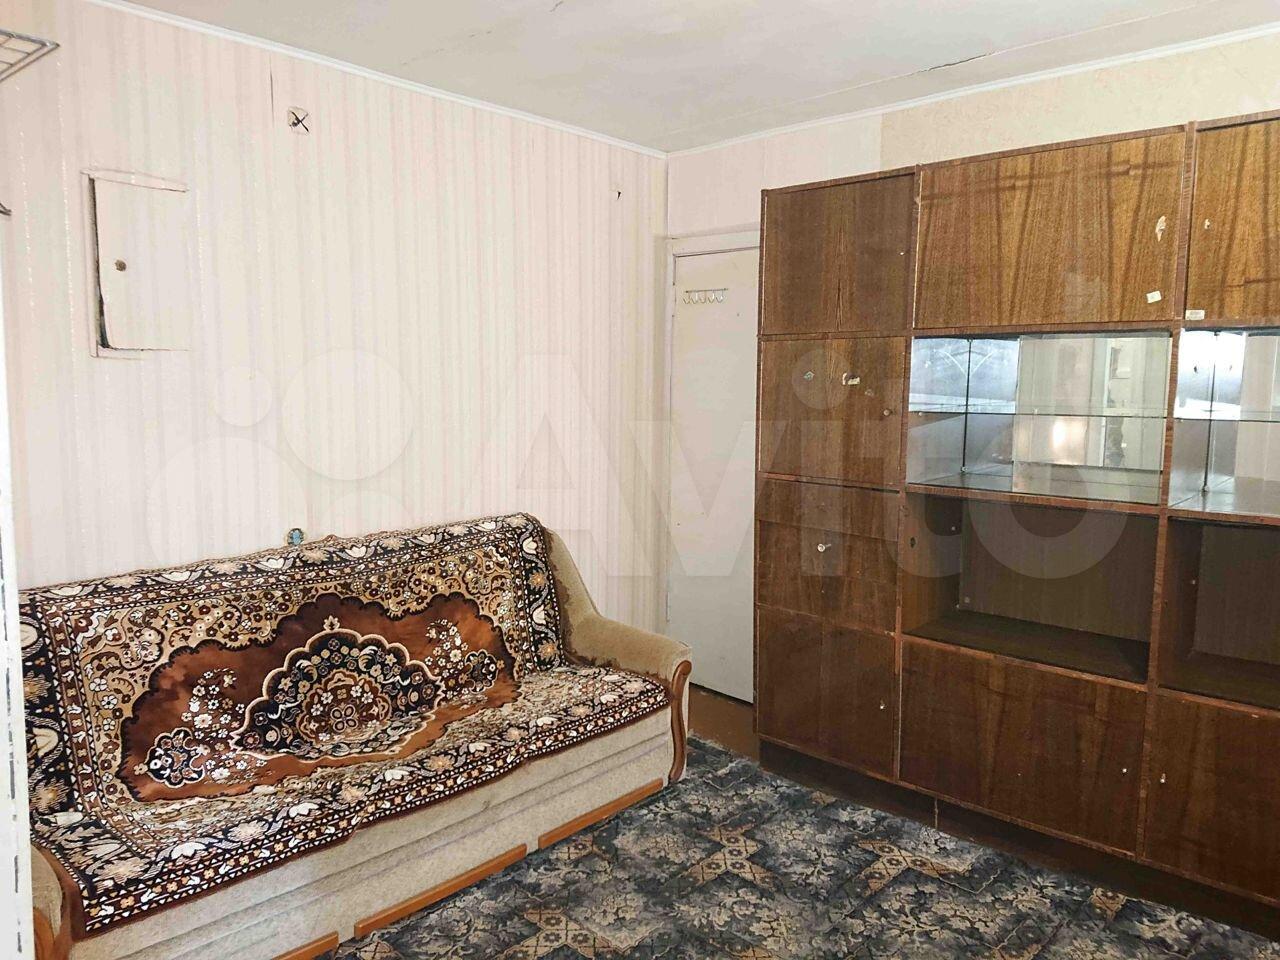 2-к квартира, 41.7 м², 2/5 эт.  89813505133 купить 2